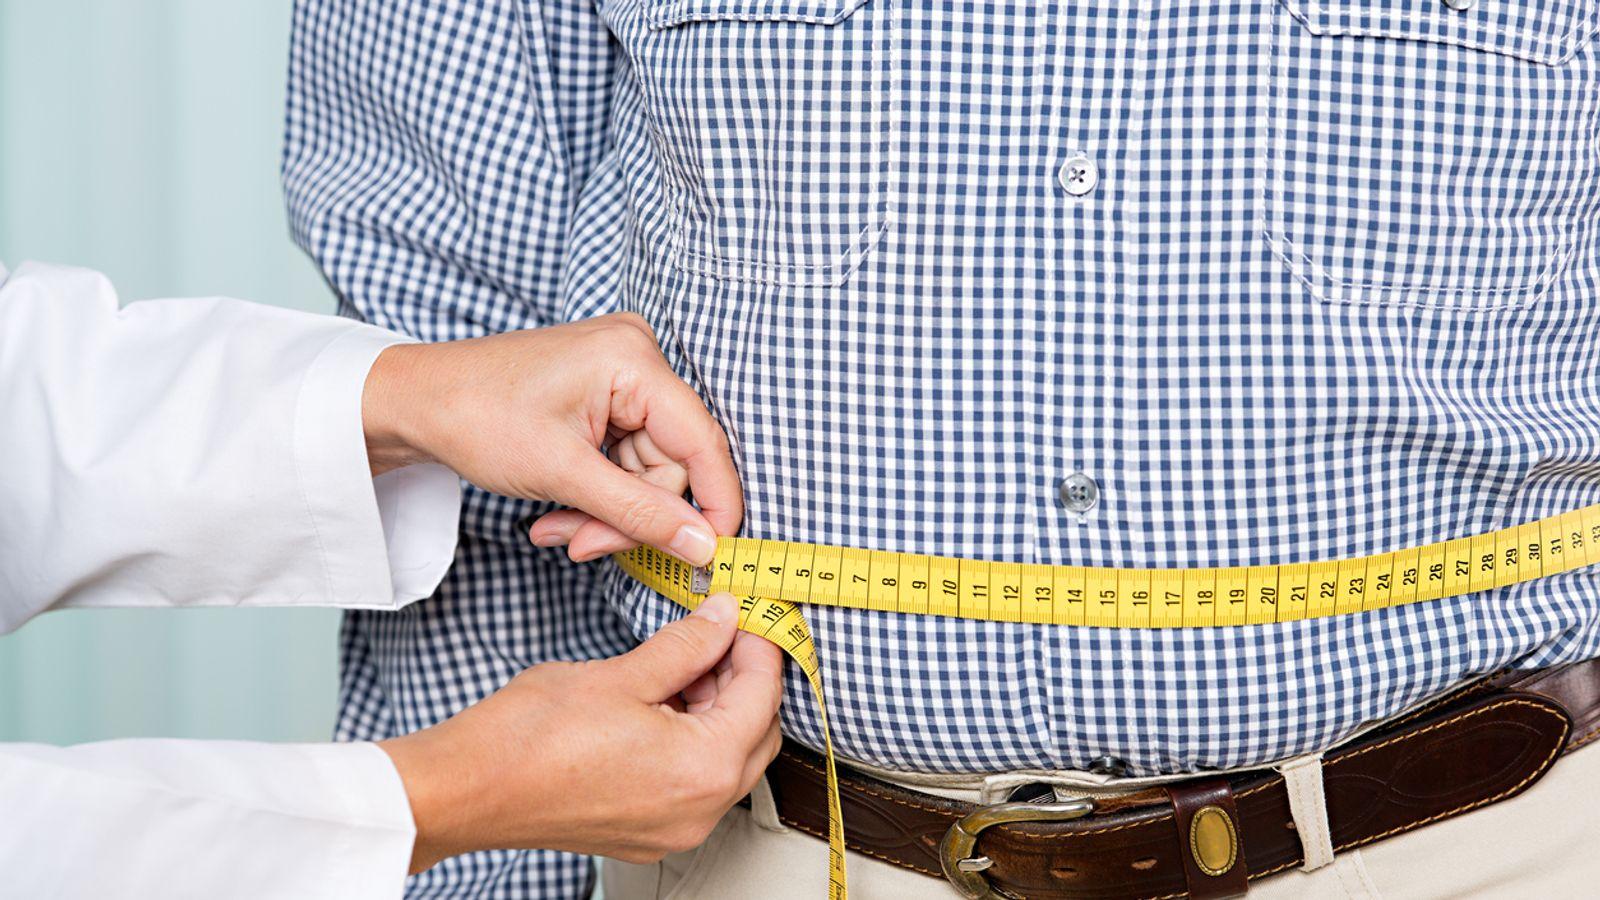 برای لاغری شکم کدام  ورزش مناسب است؟